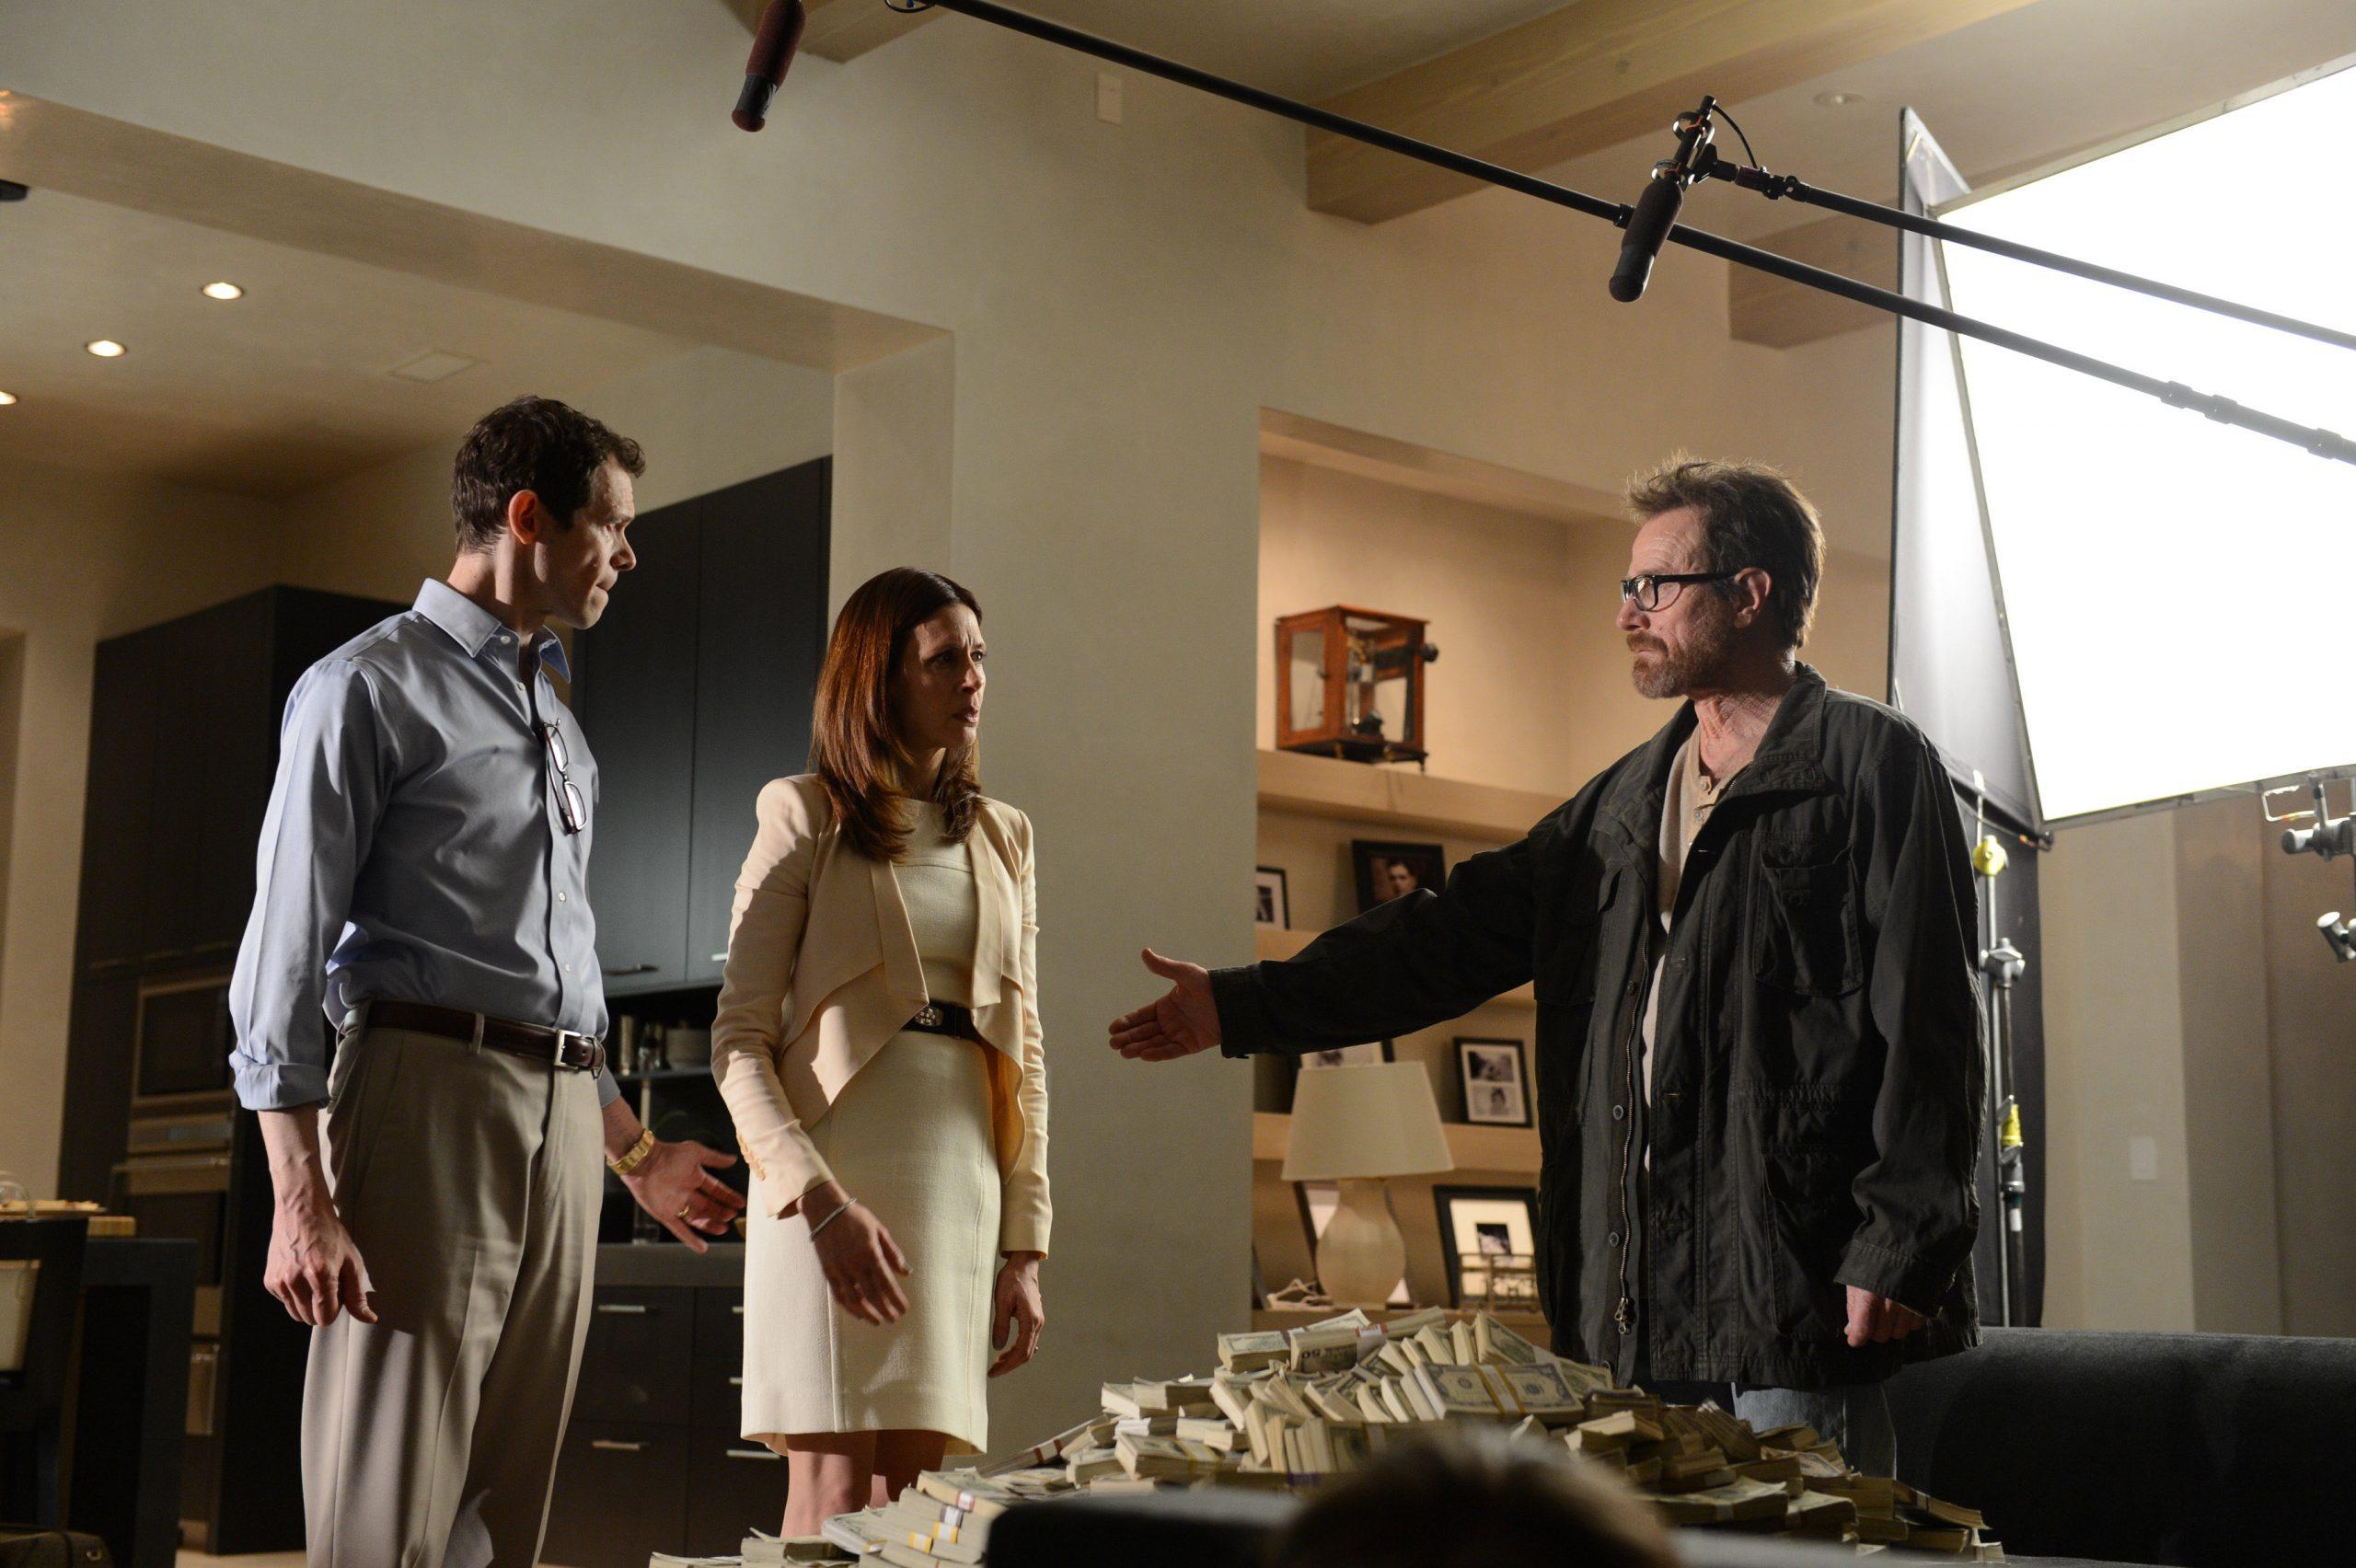 Elliot, Gretchen, and Walt